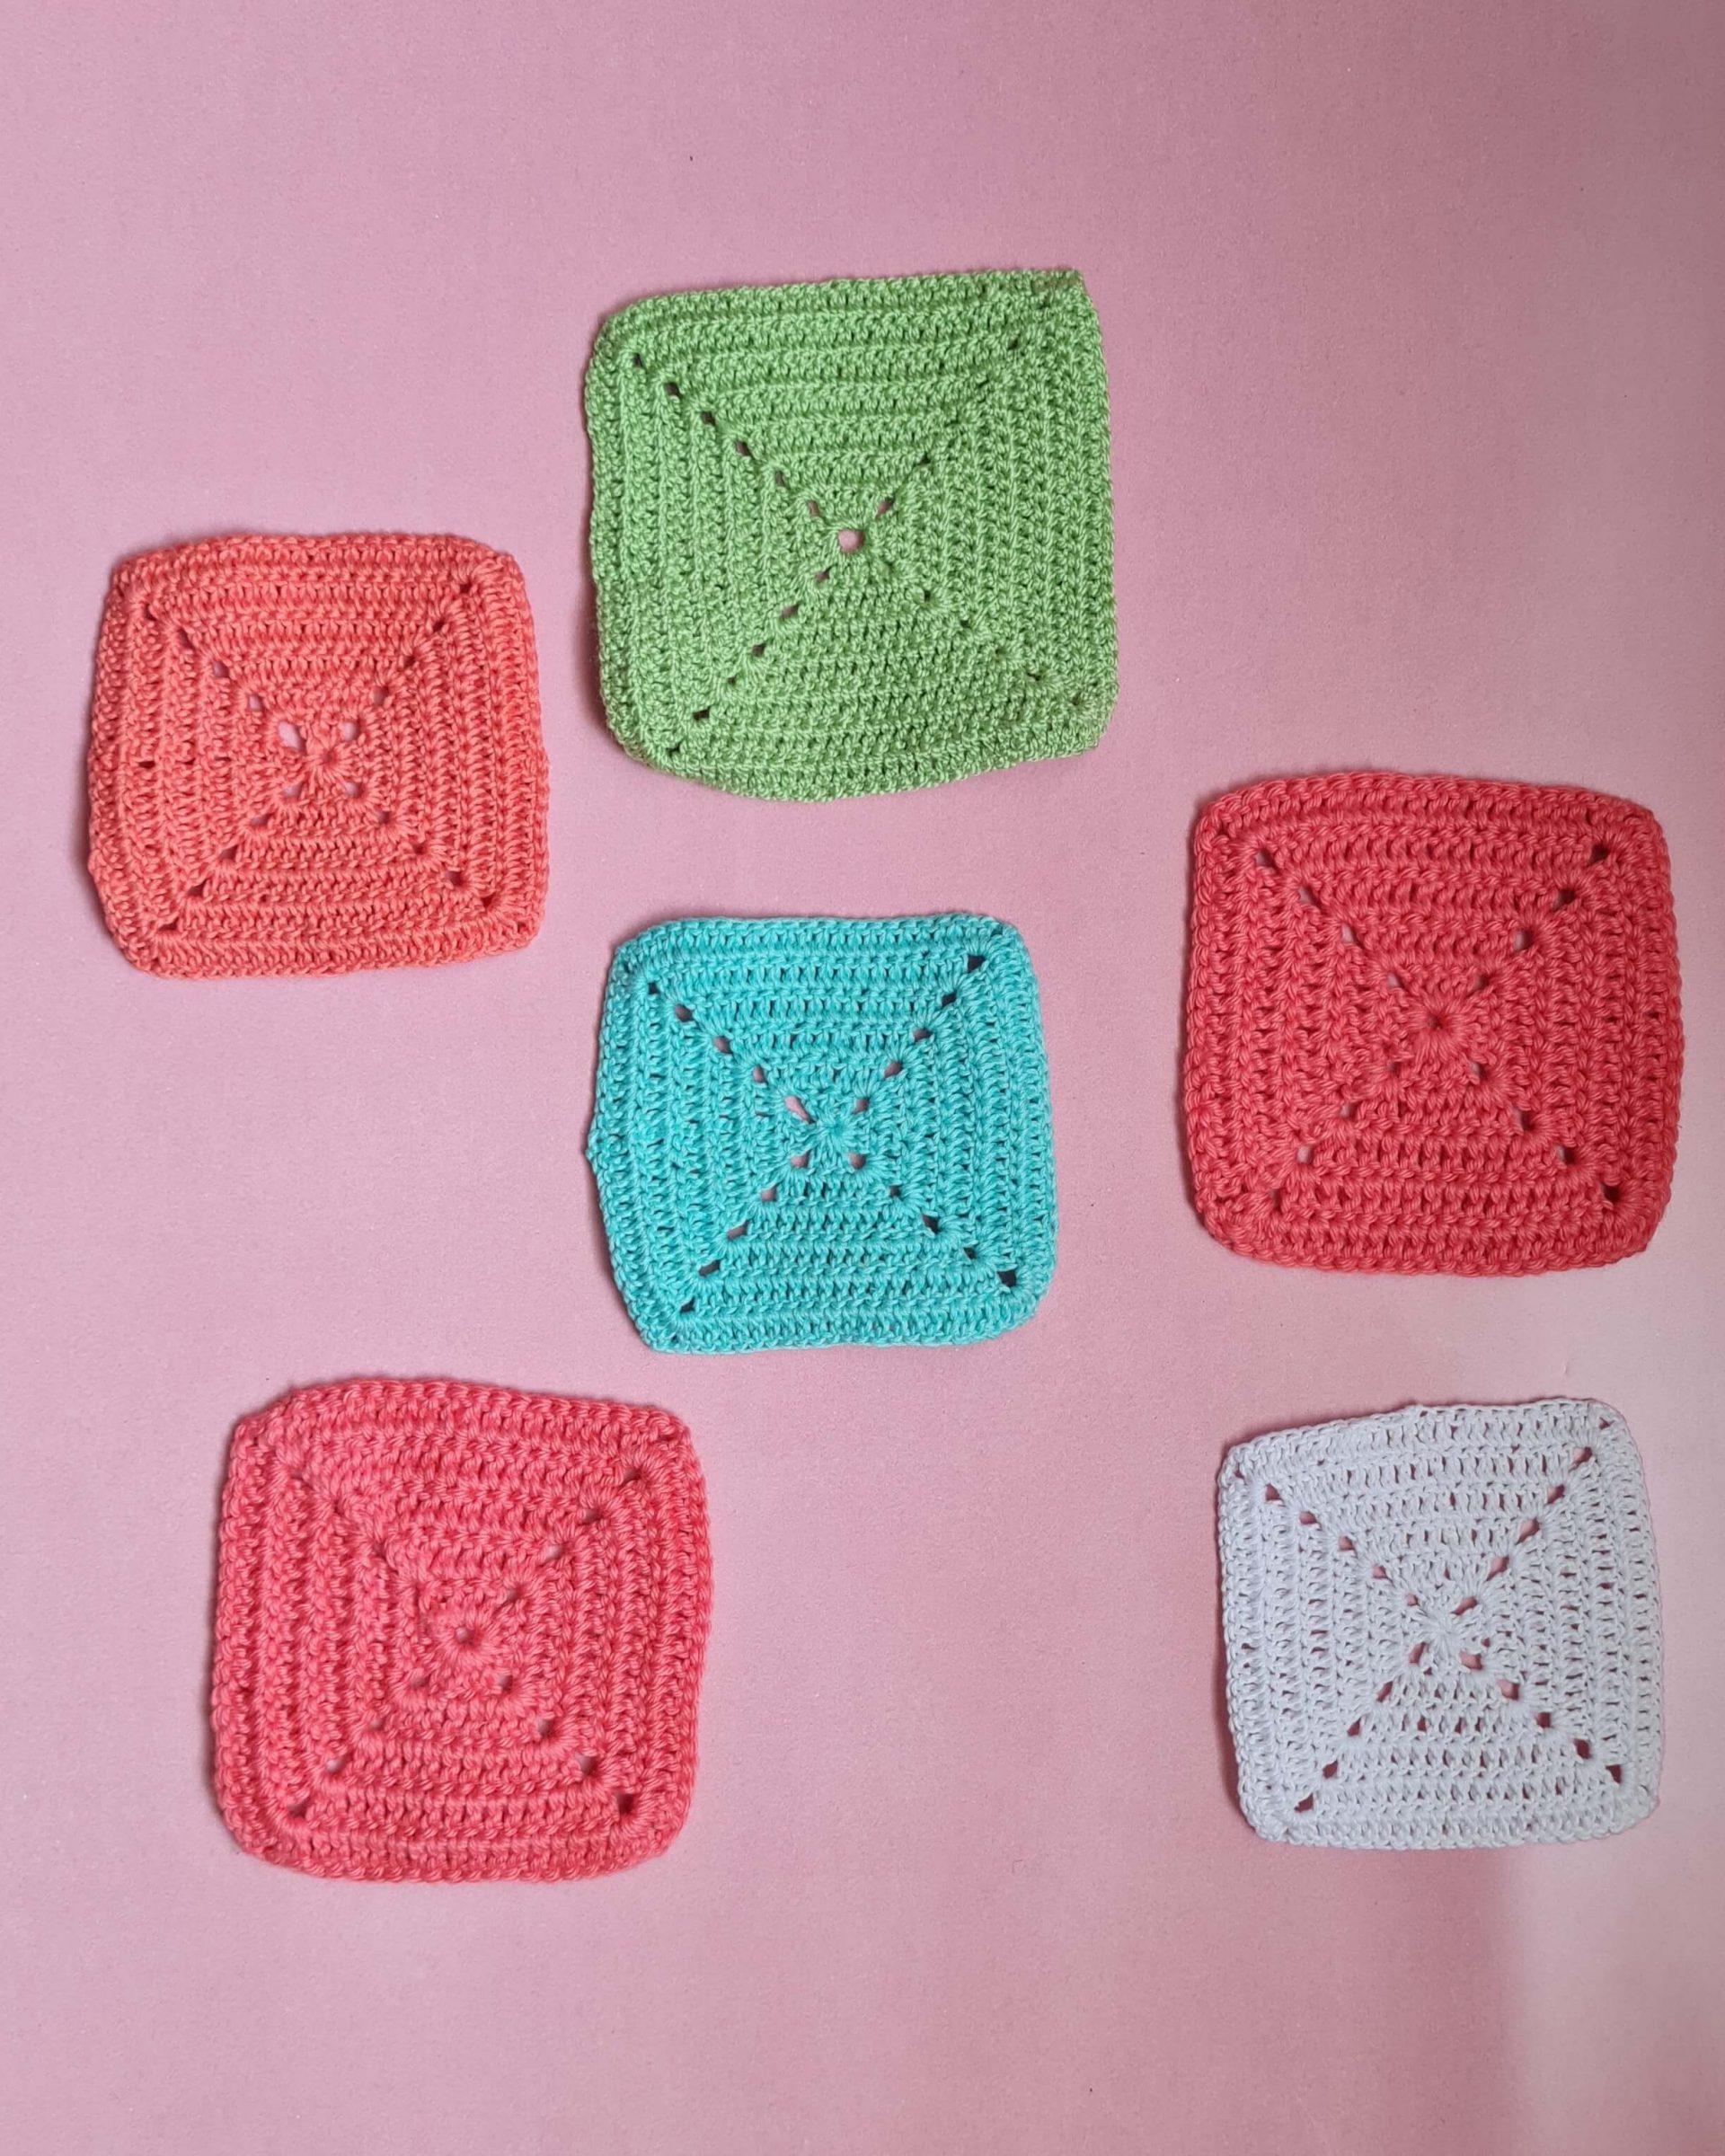 Crochet Baby Props - Pune Prop Store - Pune Prop Store